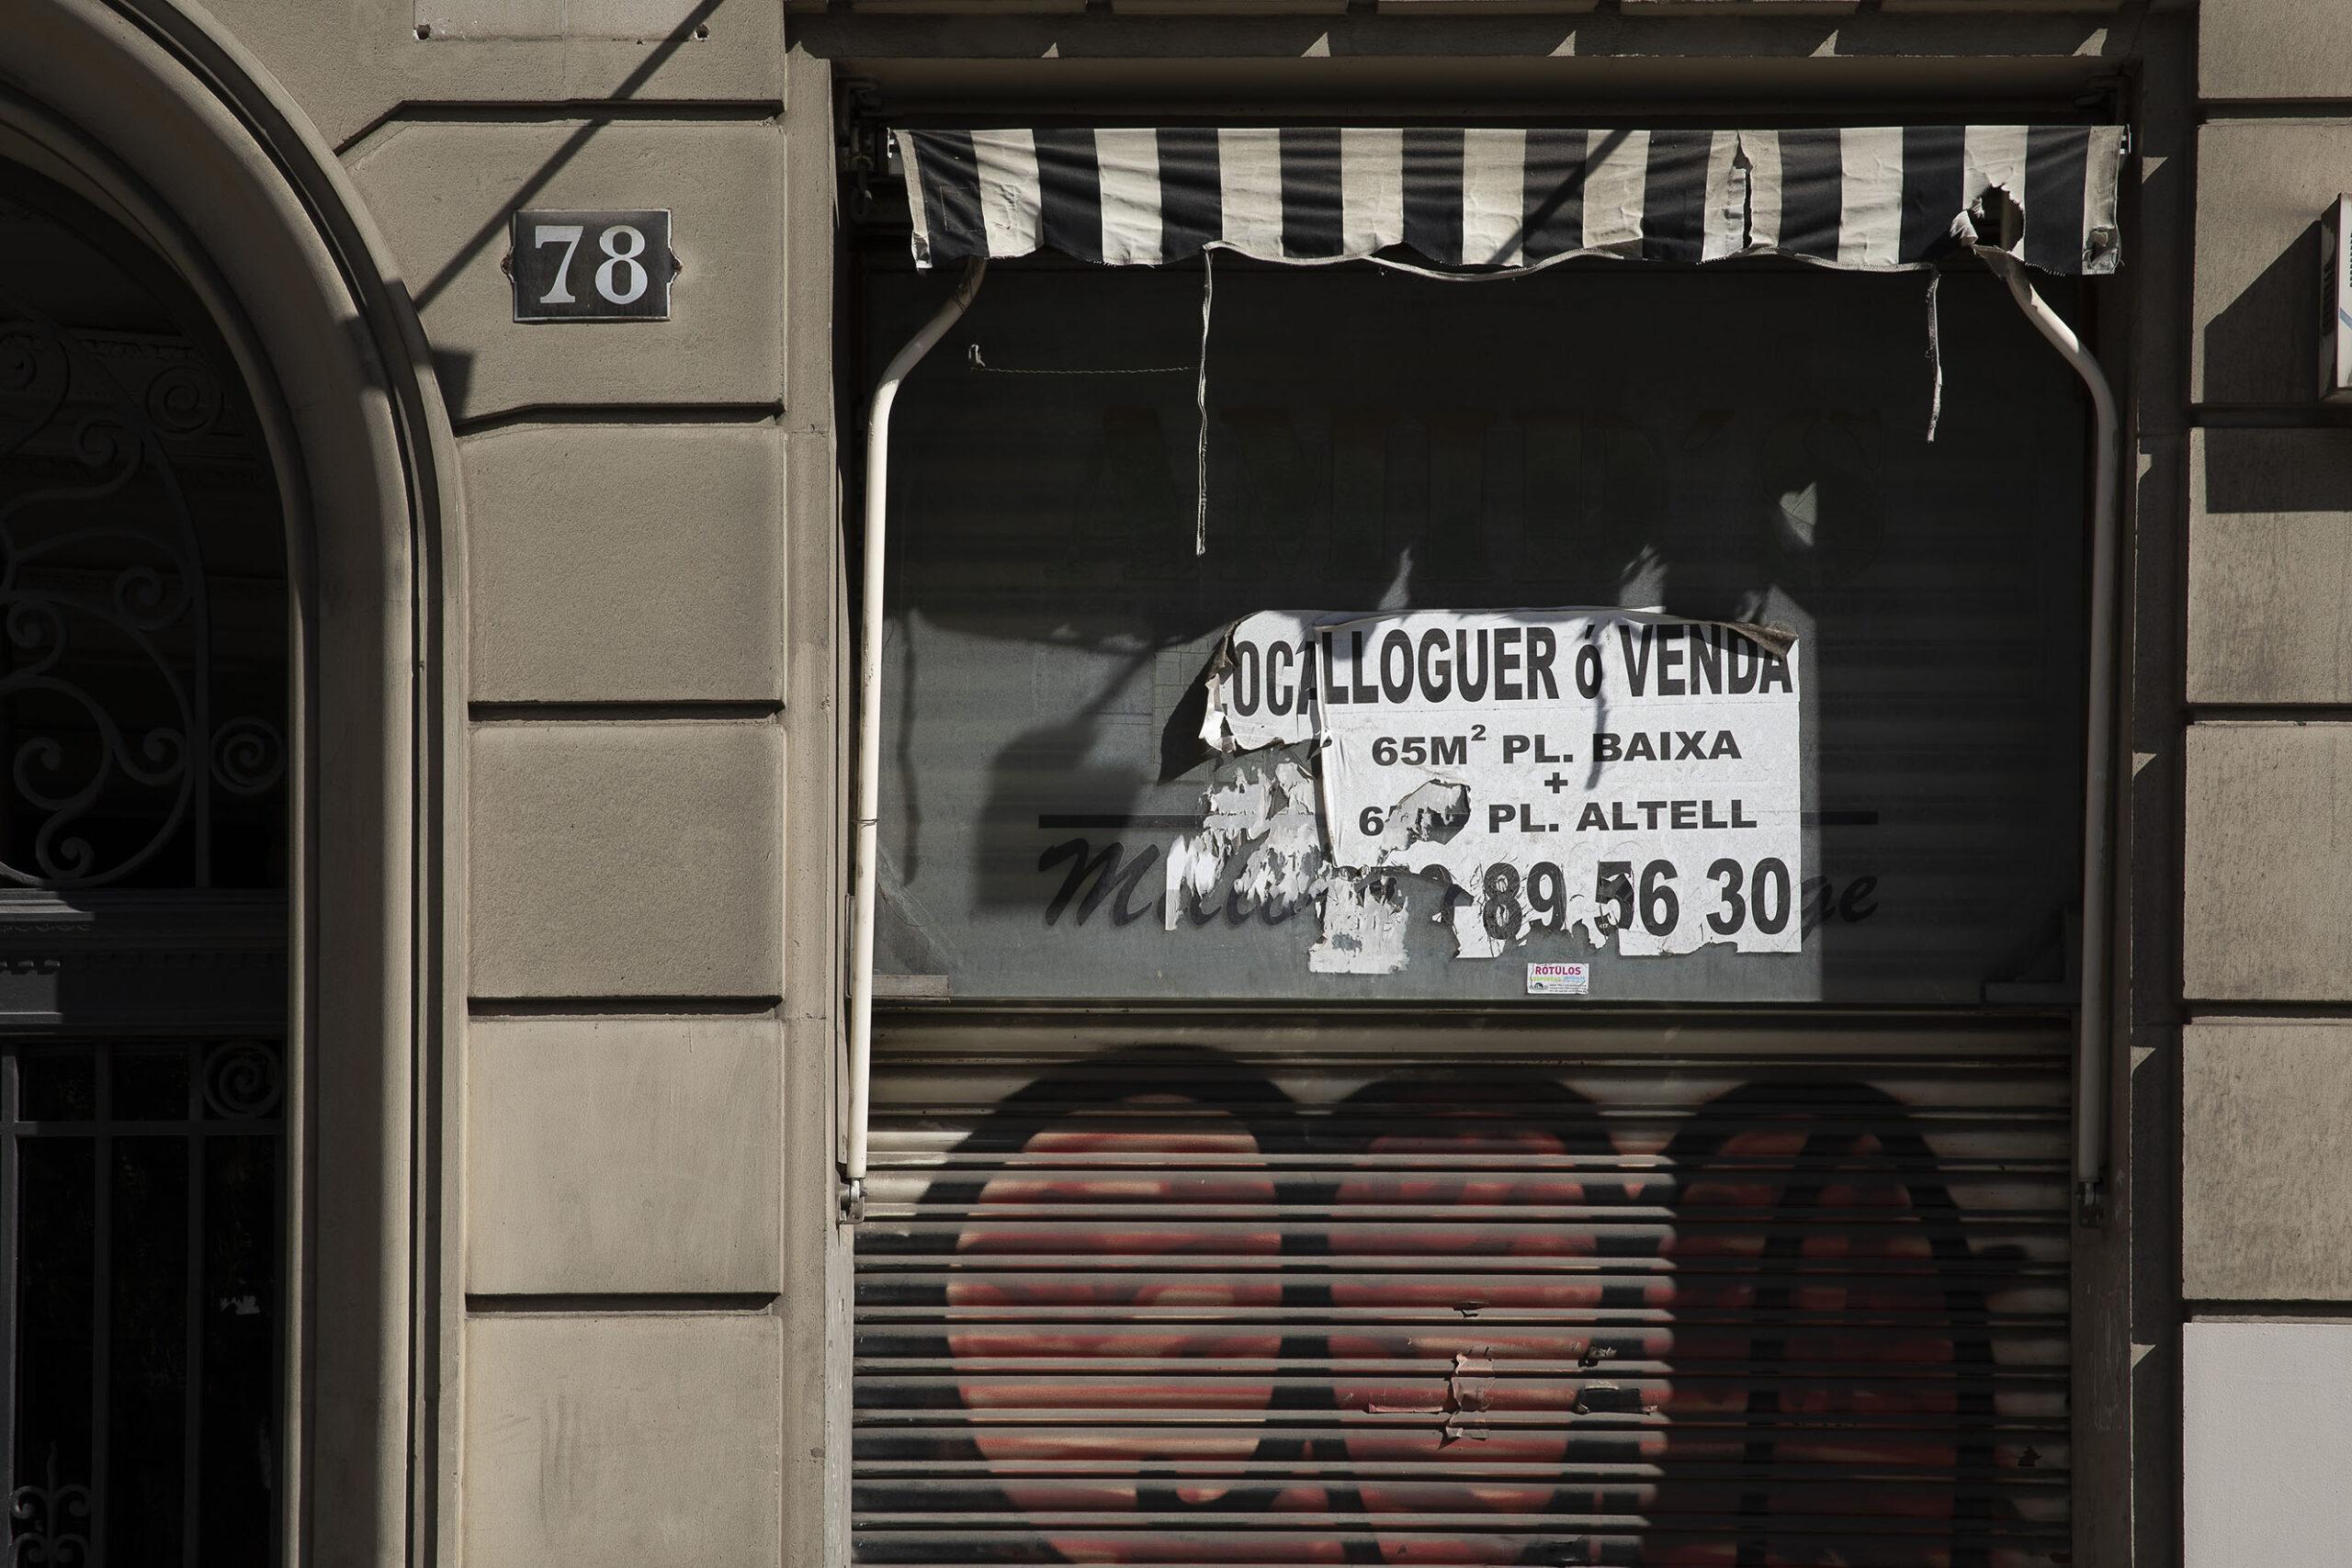 Els locals buits han creat un nou paisatge comercial a Barcelona / Jordi Play